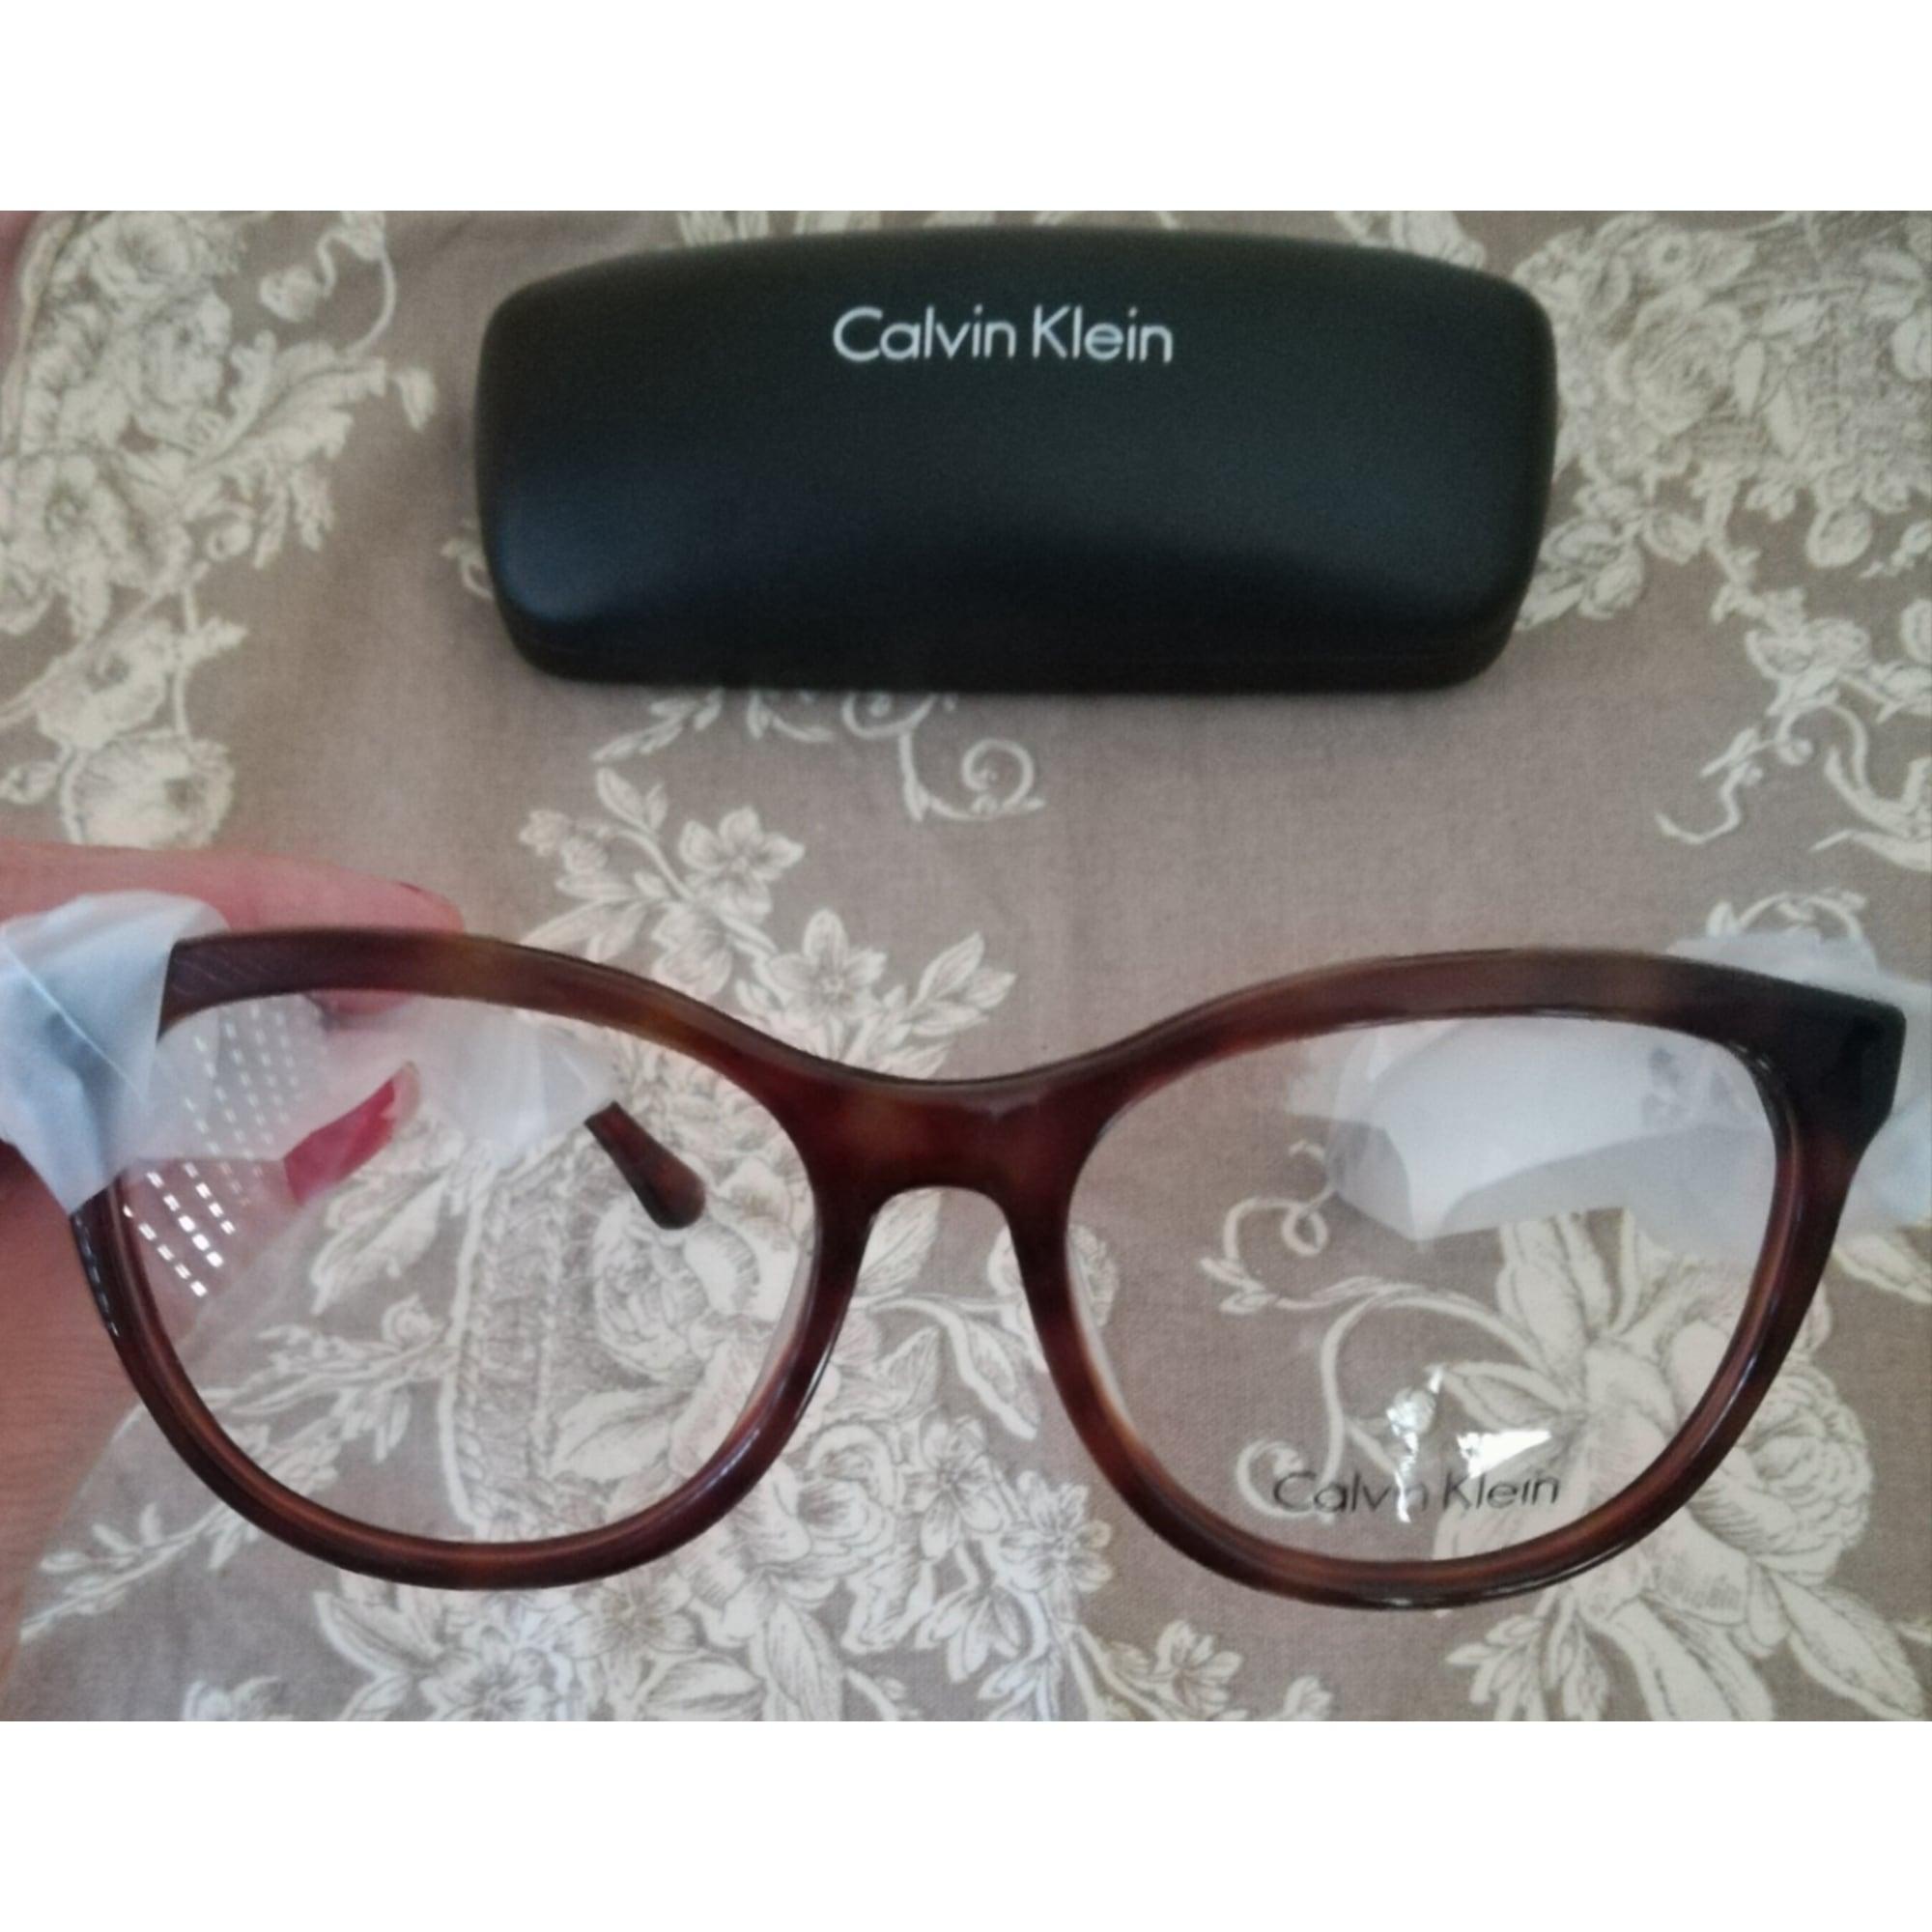 210c85cc16 Monture de lunettes CALVIN KLEIN marron vendu par Madylane62960 ...